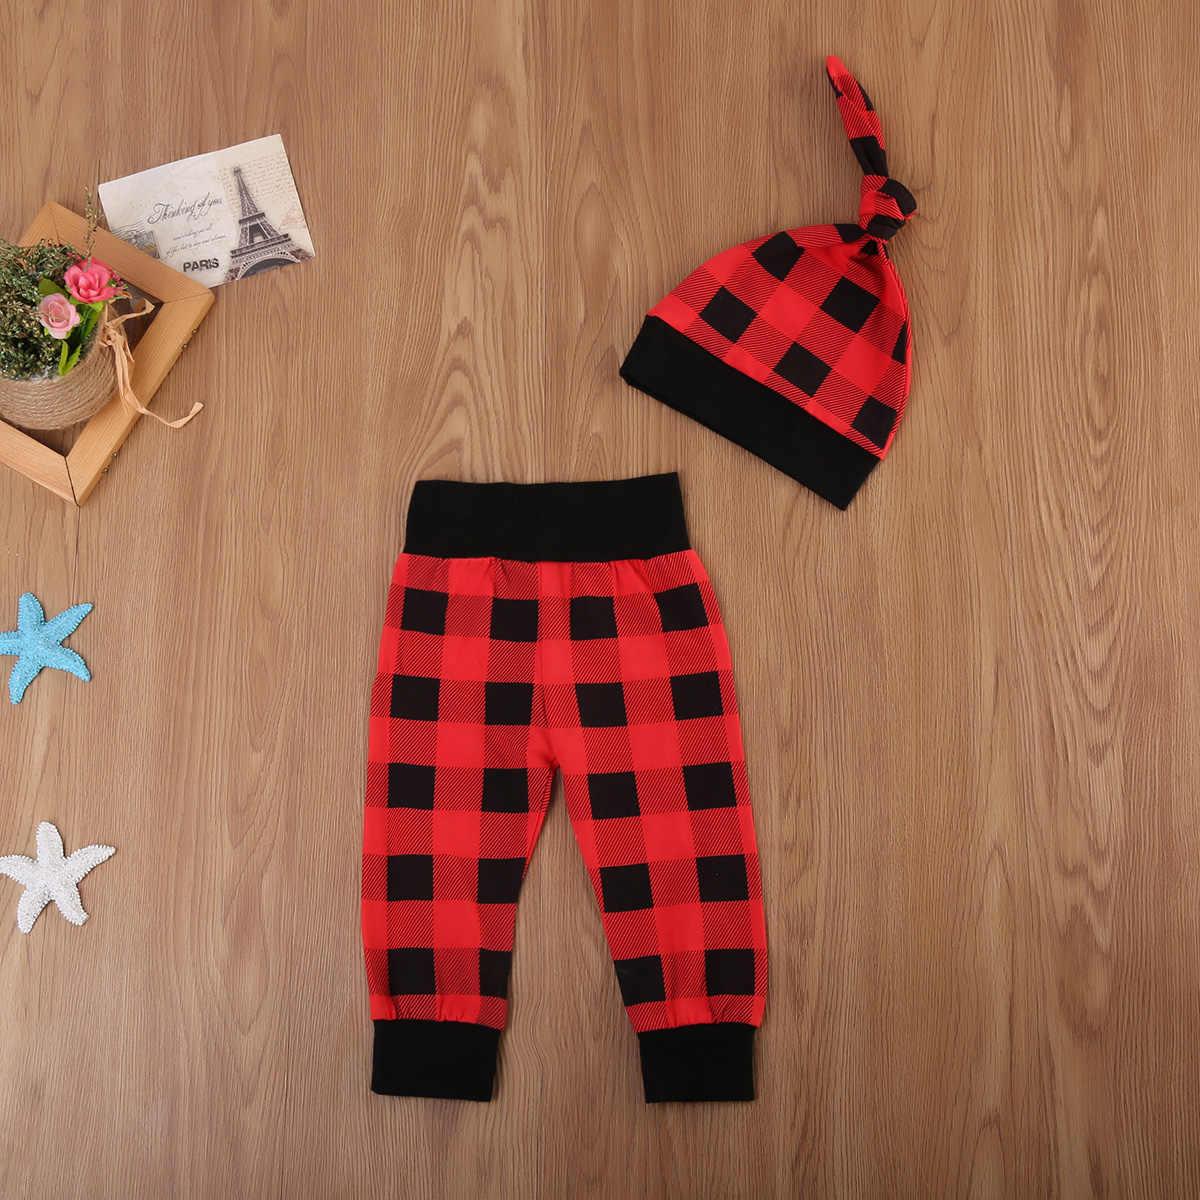 ฤดูใบไม้ผลิฤดูใบไม้ร่วงฤดูใบไม้ร่วงเด็กทารก 1st วันเกิดชุดผ้าฝ้ายพิมพ์ลาย + เสื้อสีดำลายสก๊อตสีแดงกางเกง 2 PCS Set